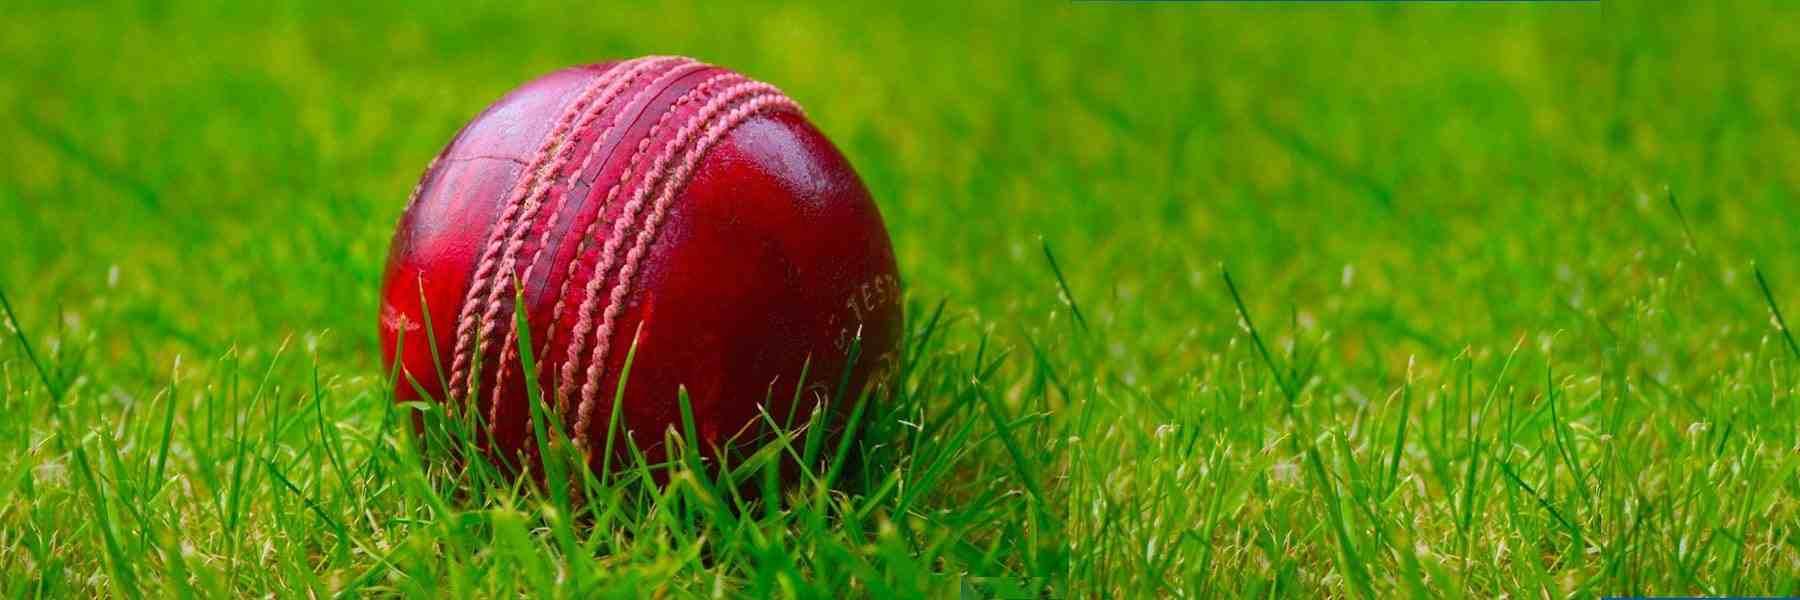 Cricket League Management Software